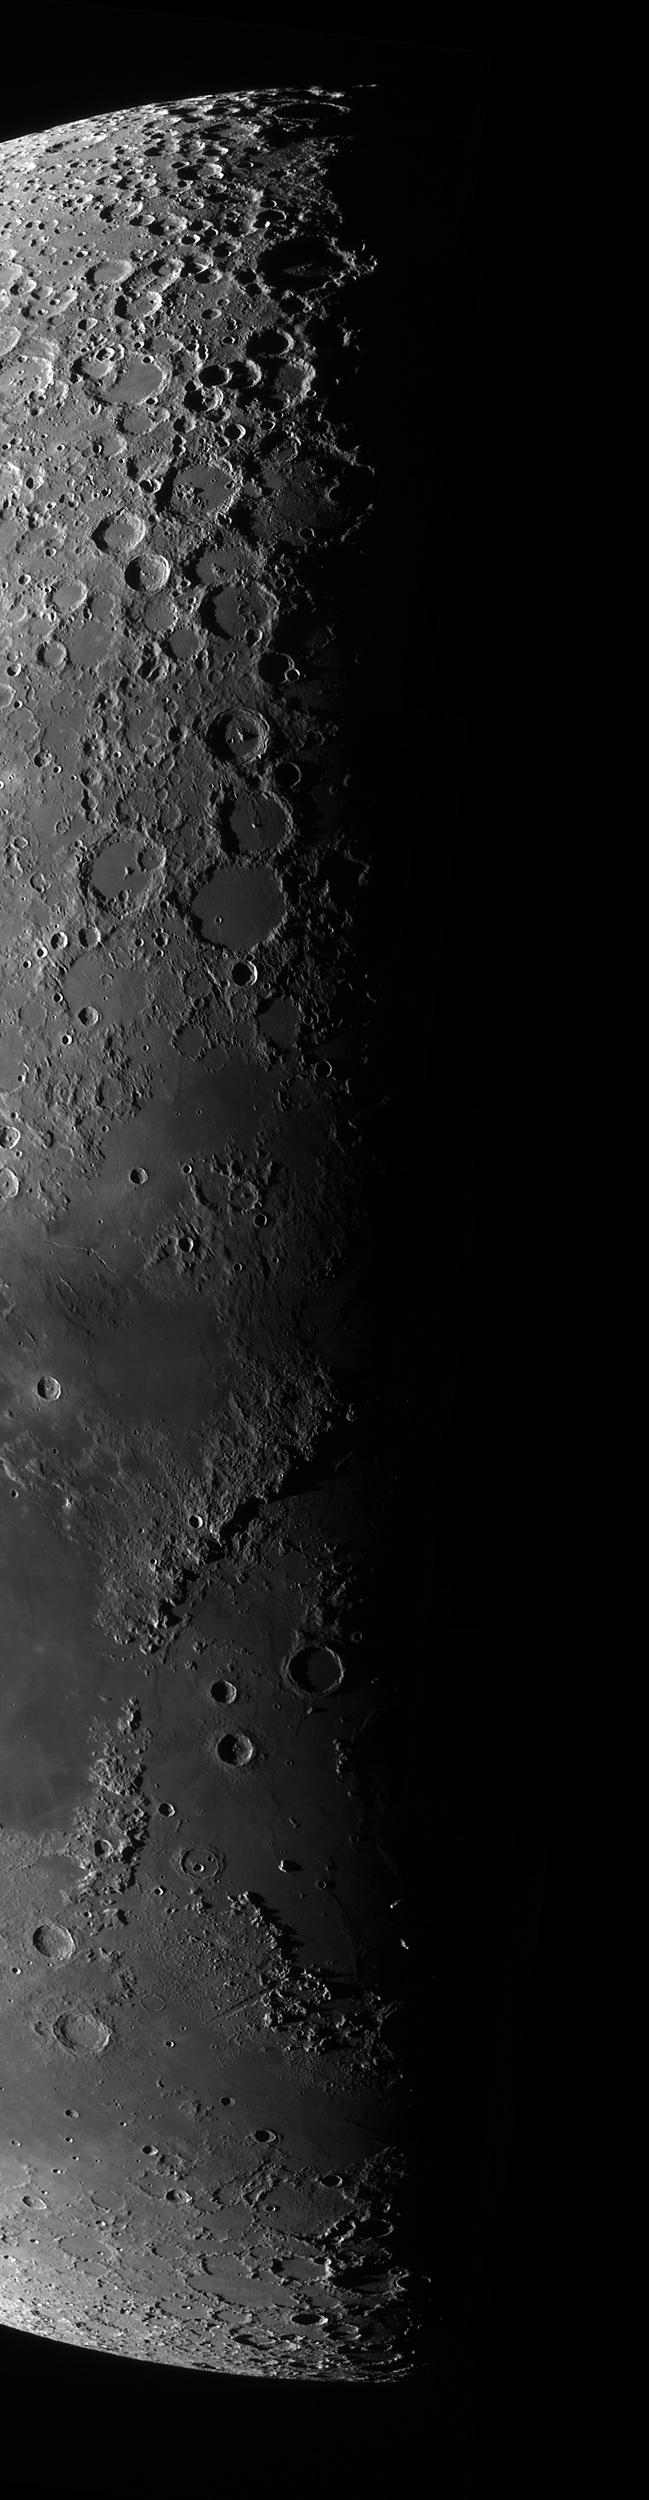 La Lune - Page 21 Lune-unc200mm-mosa280512-mosaique-m